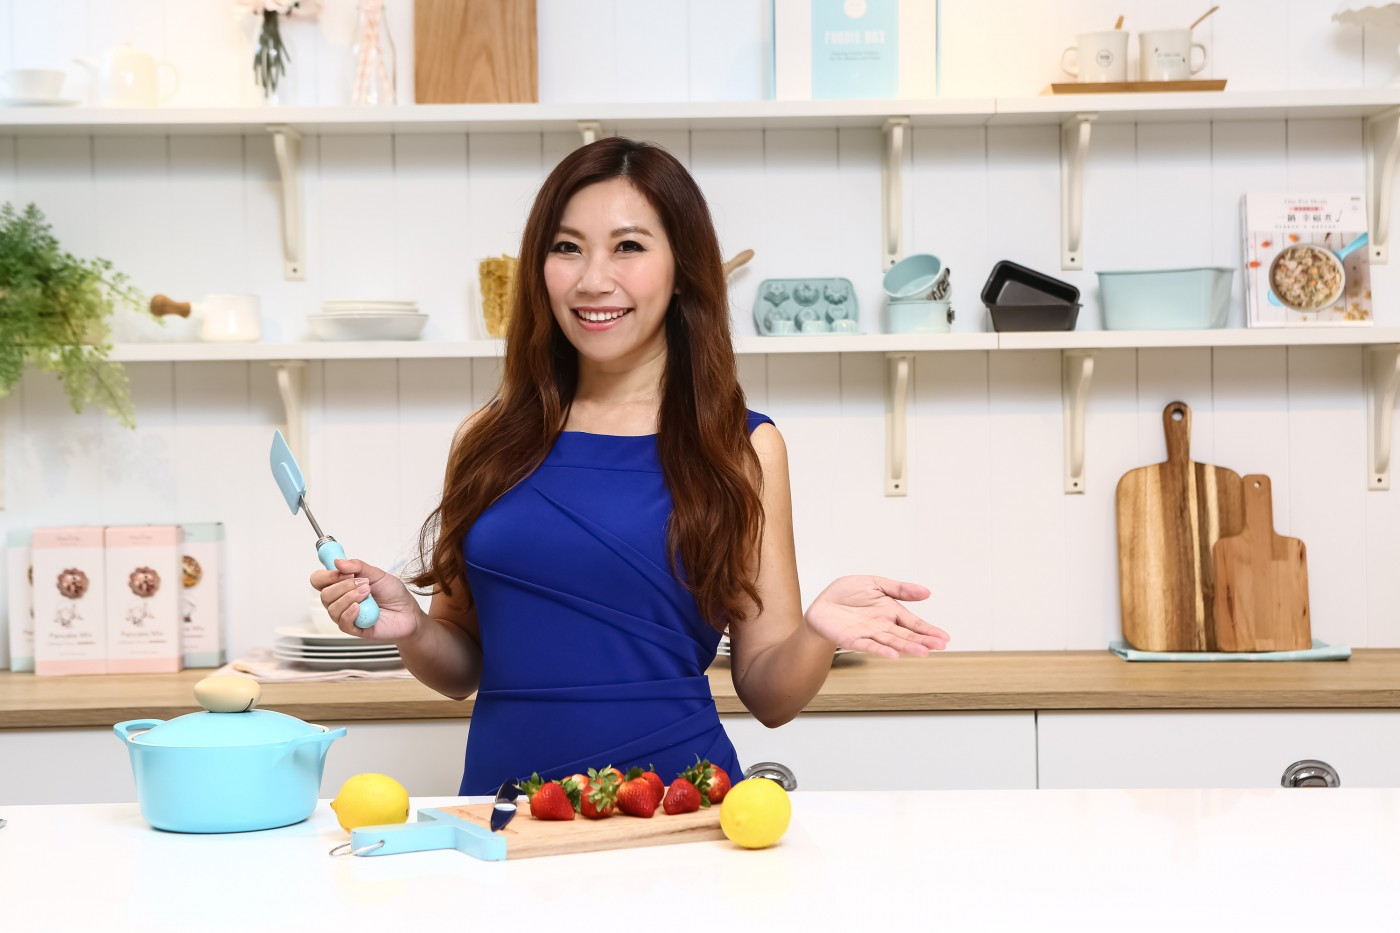 打造全球料理網紅孵化器,矽谷美味人妻提醒創作者:不要急著變現